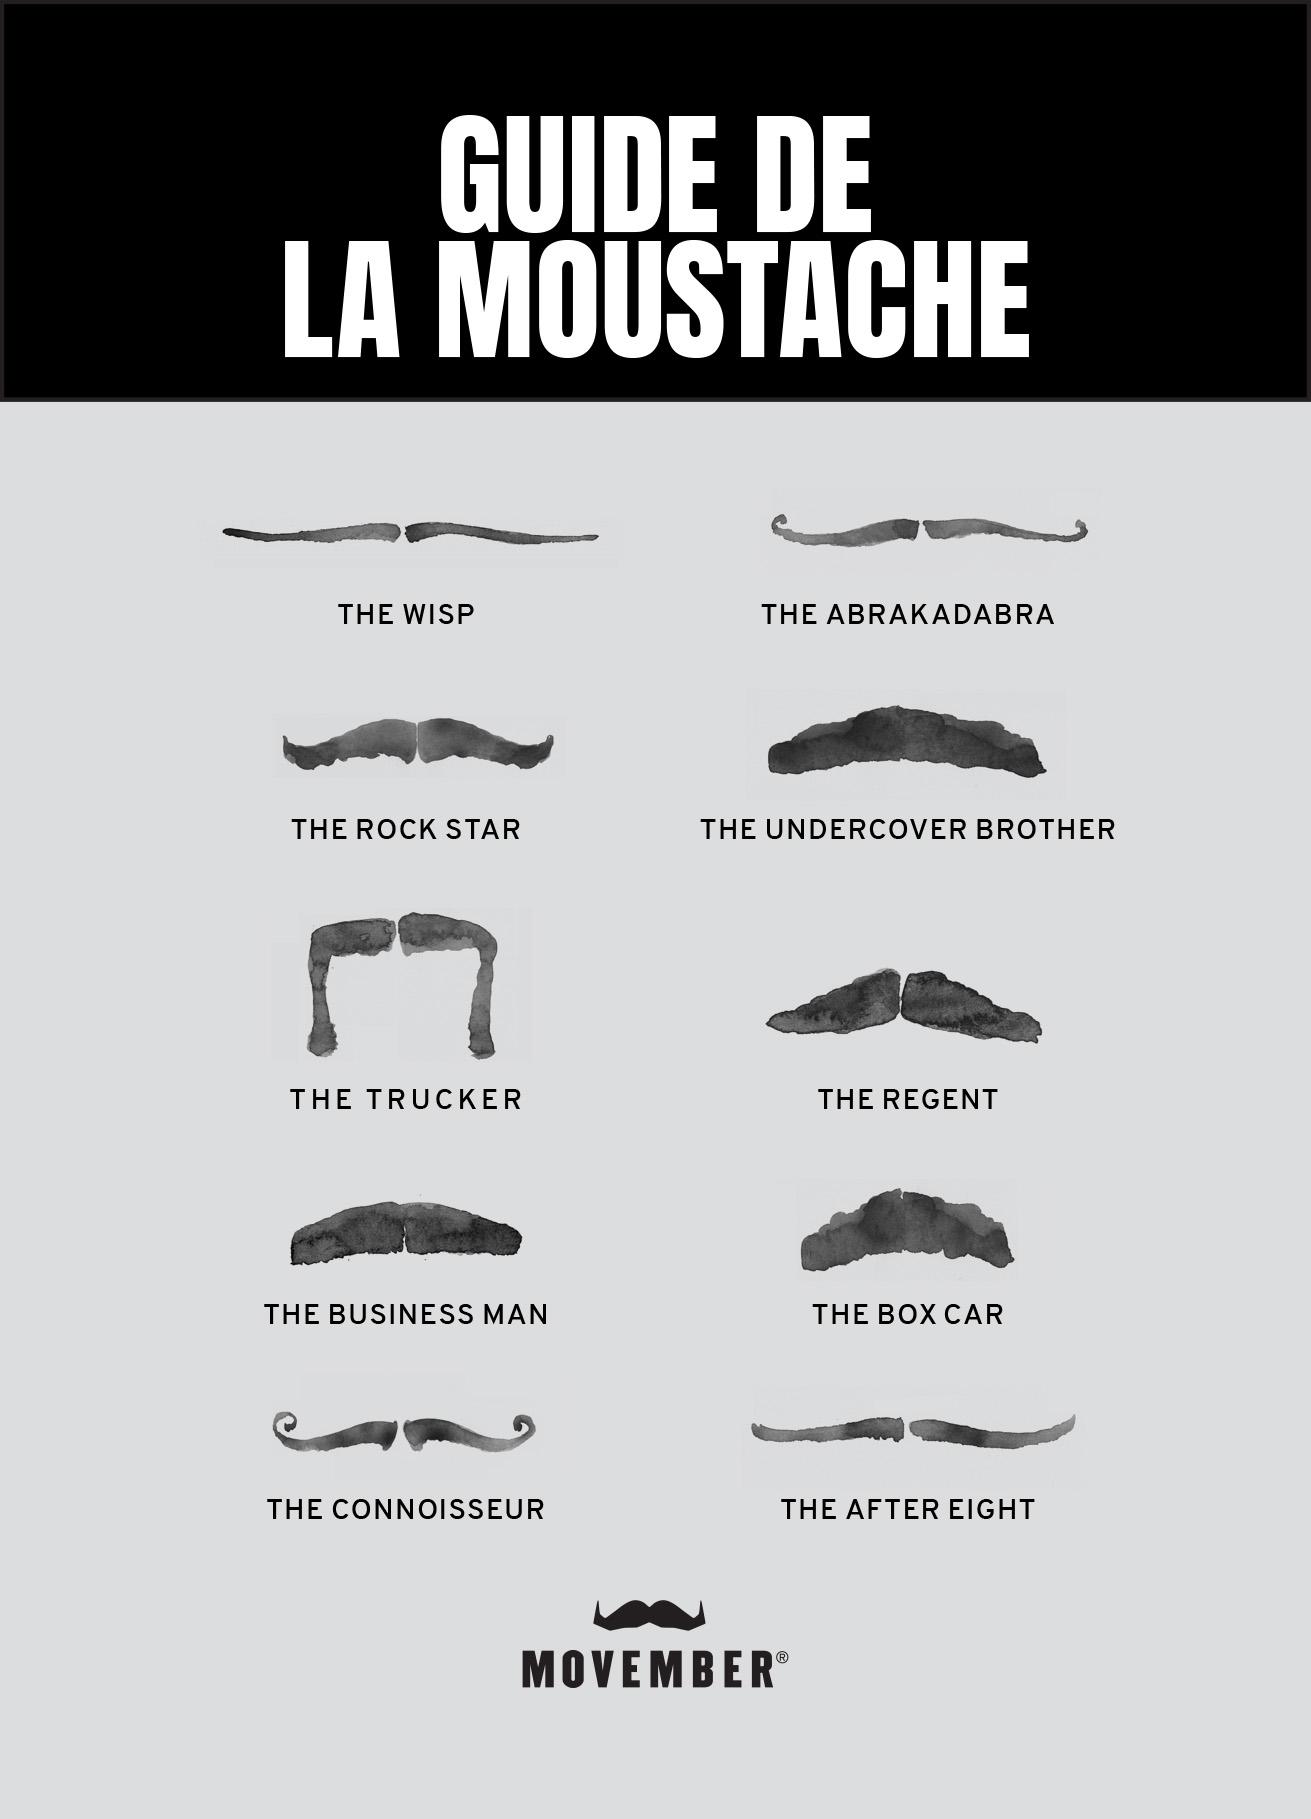 Guide de la moustache